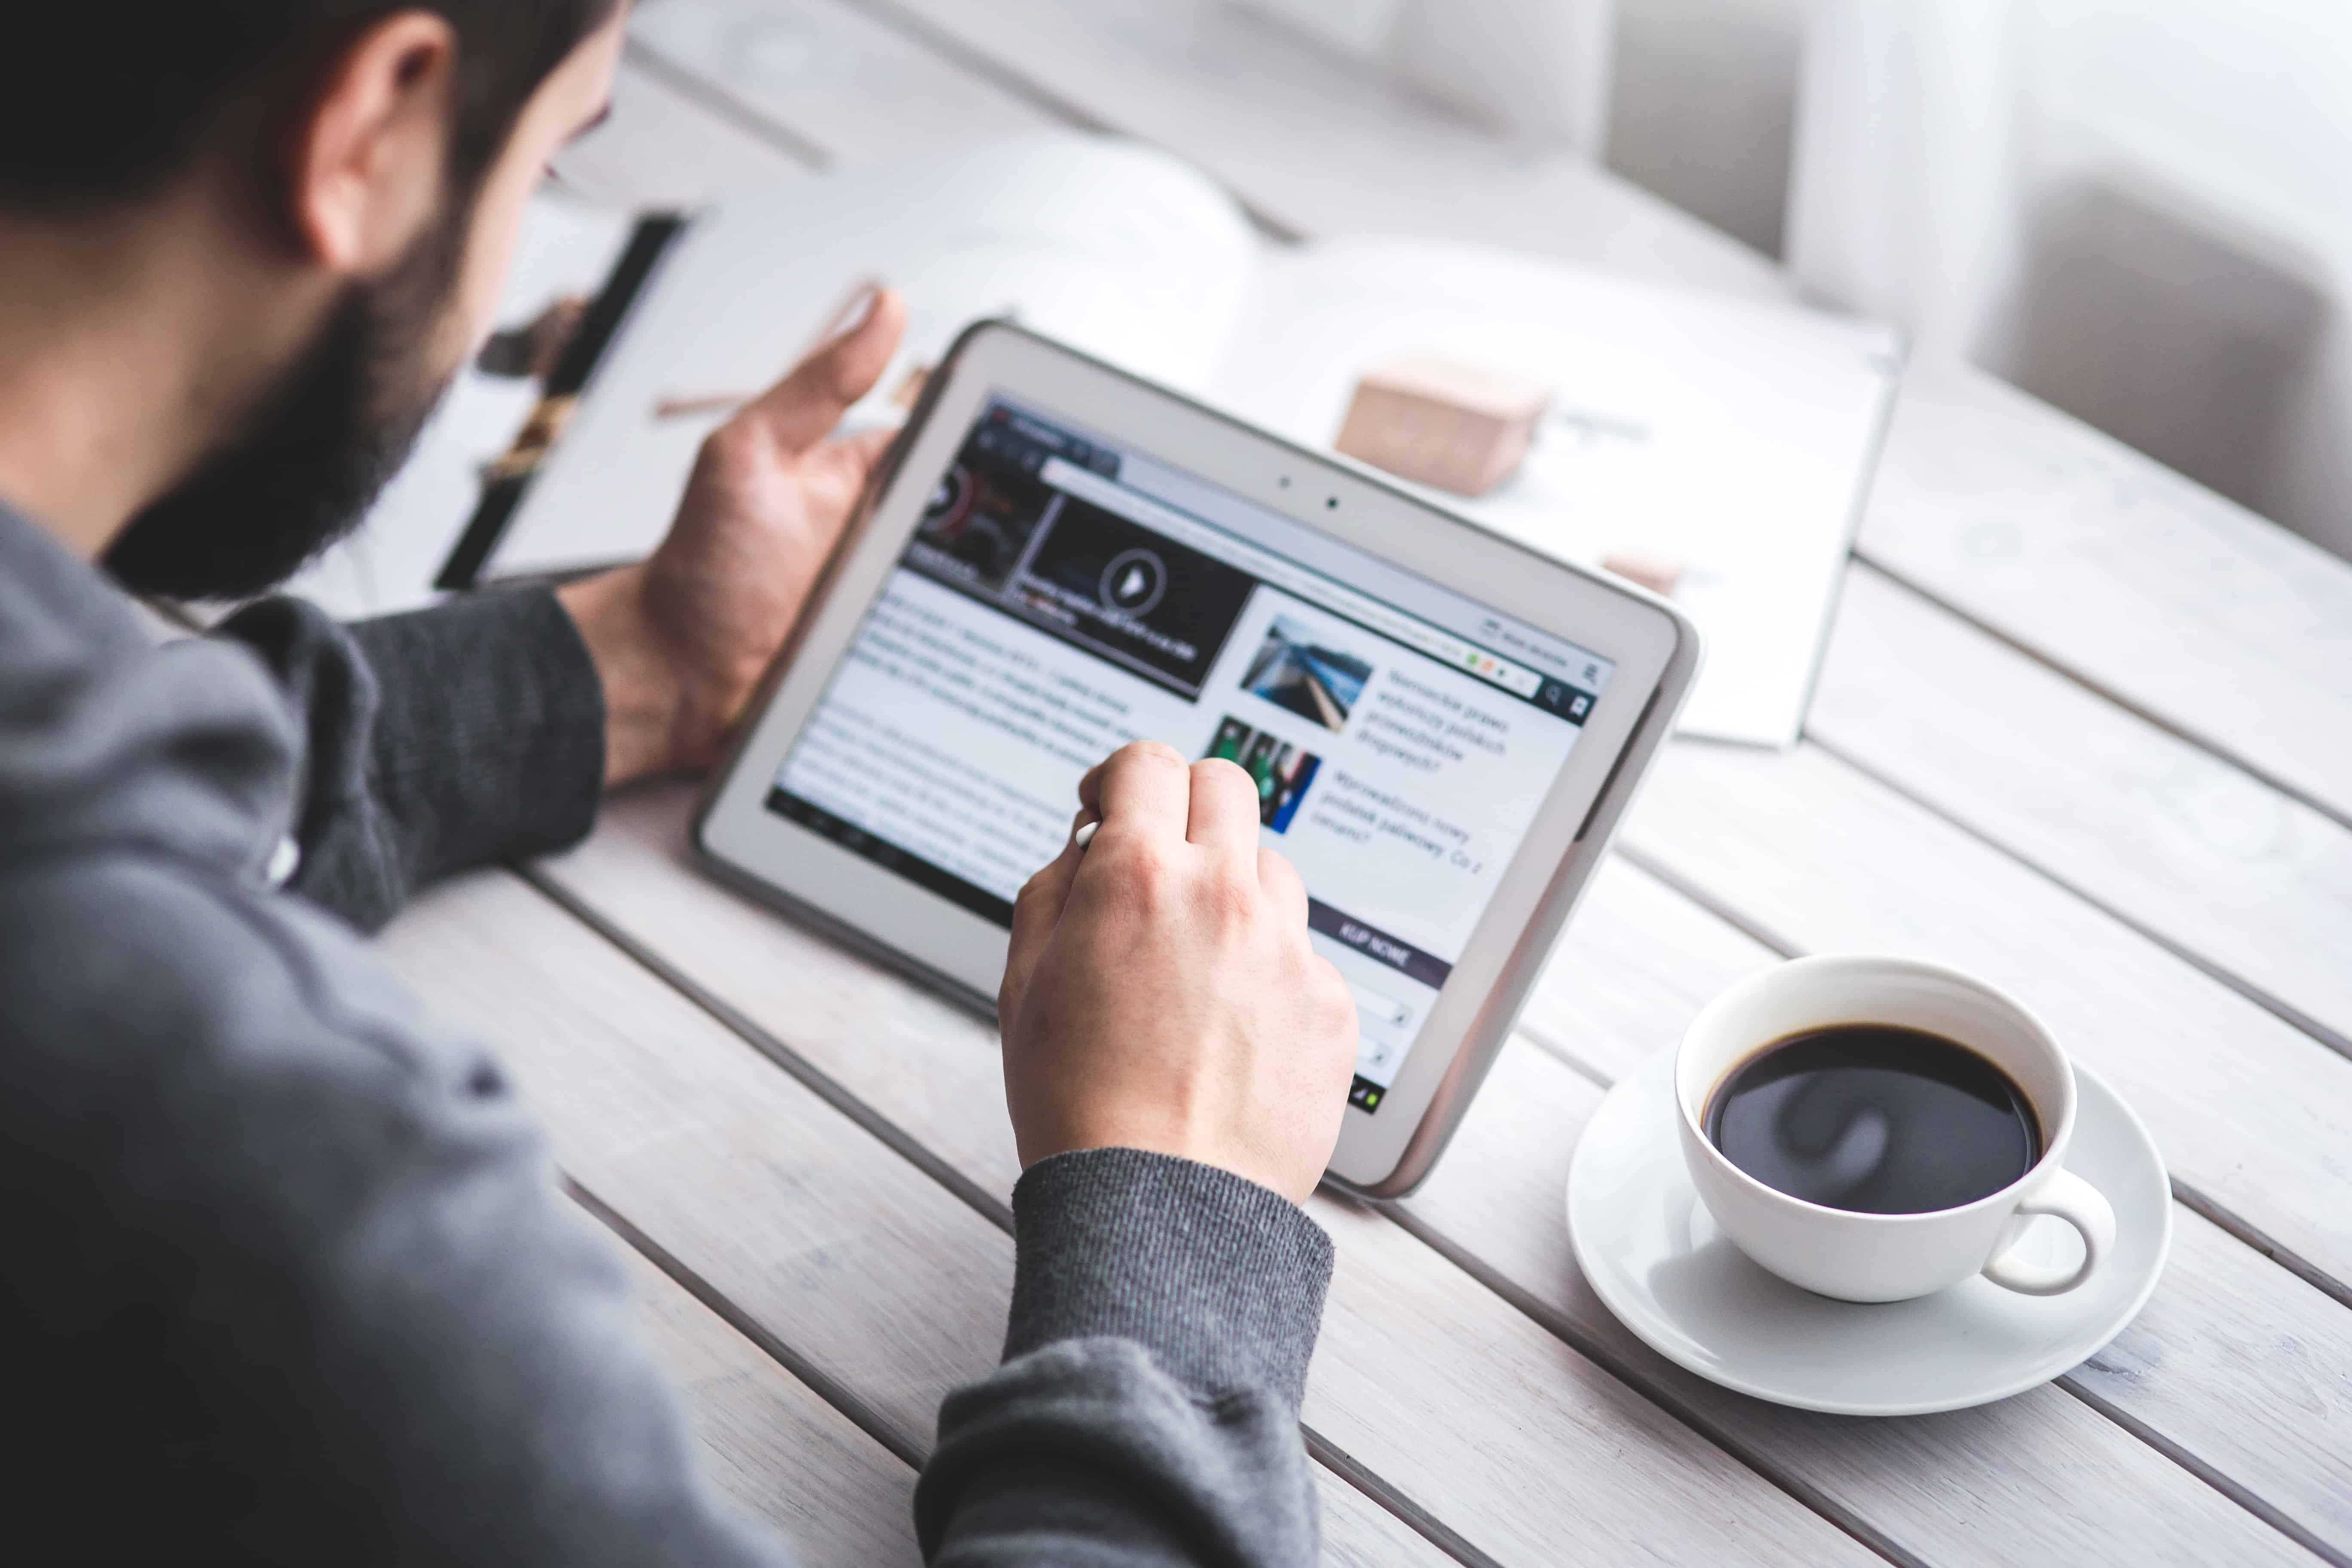 איך לשפר את חוויית המשתמש באתר שלכם בשנת 2020?